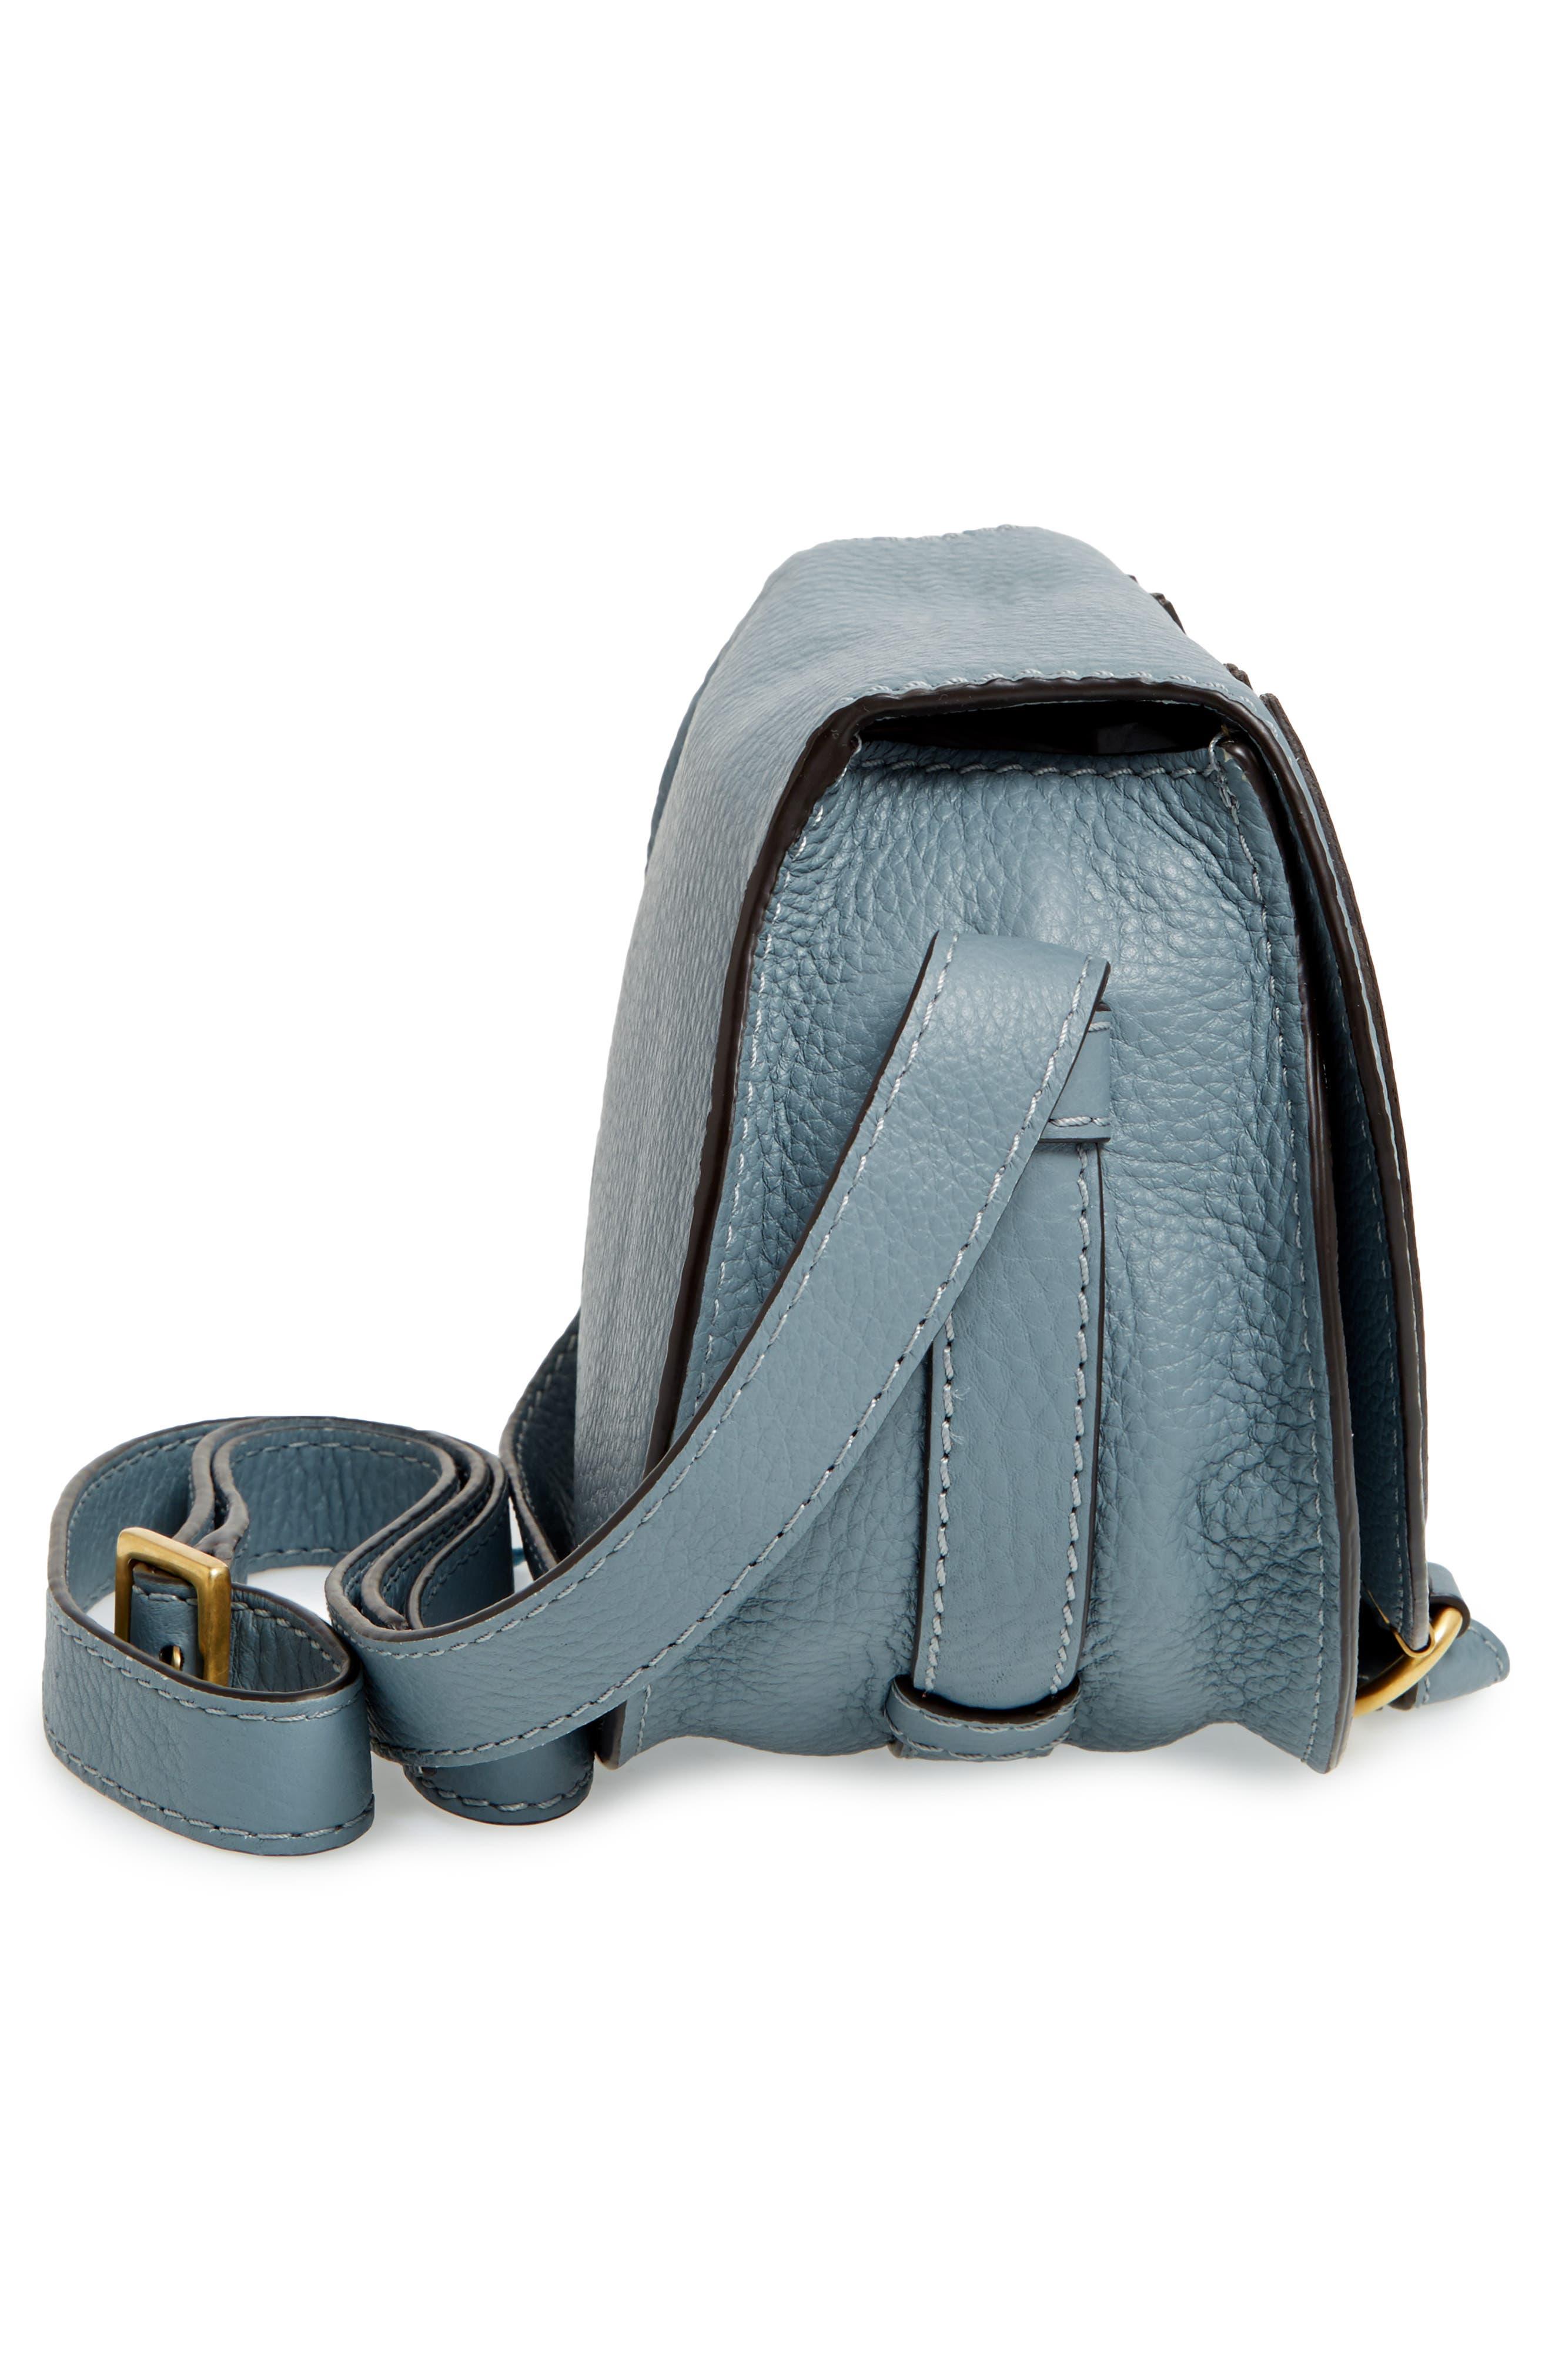 CHLOÉ, 'Mini Marcie' Leather Crossbody Bag, Alternate thumbnail 5, color, BFC CLOUDY BLUE